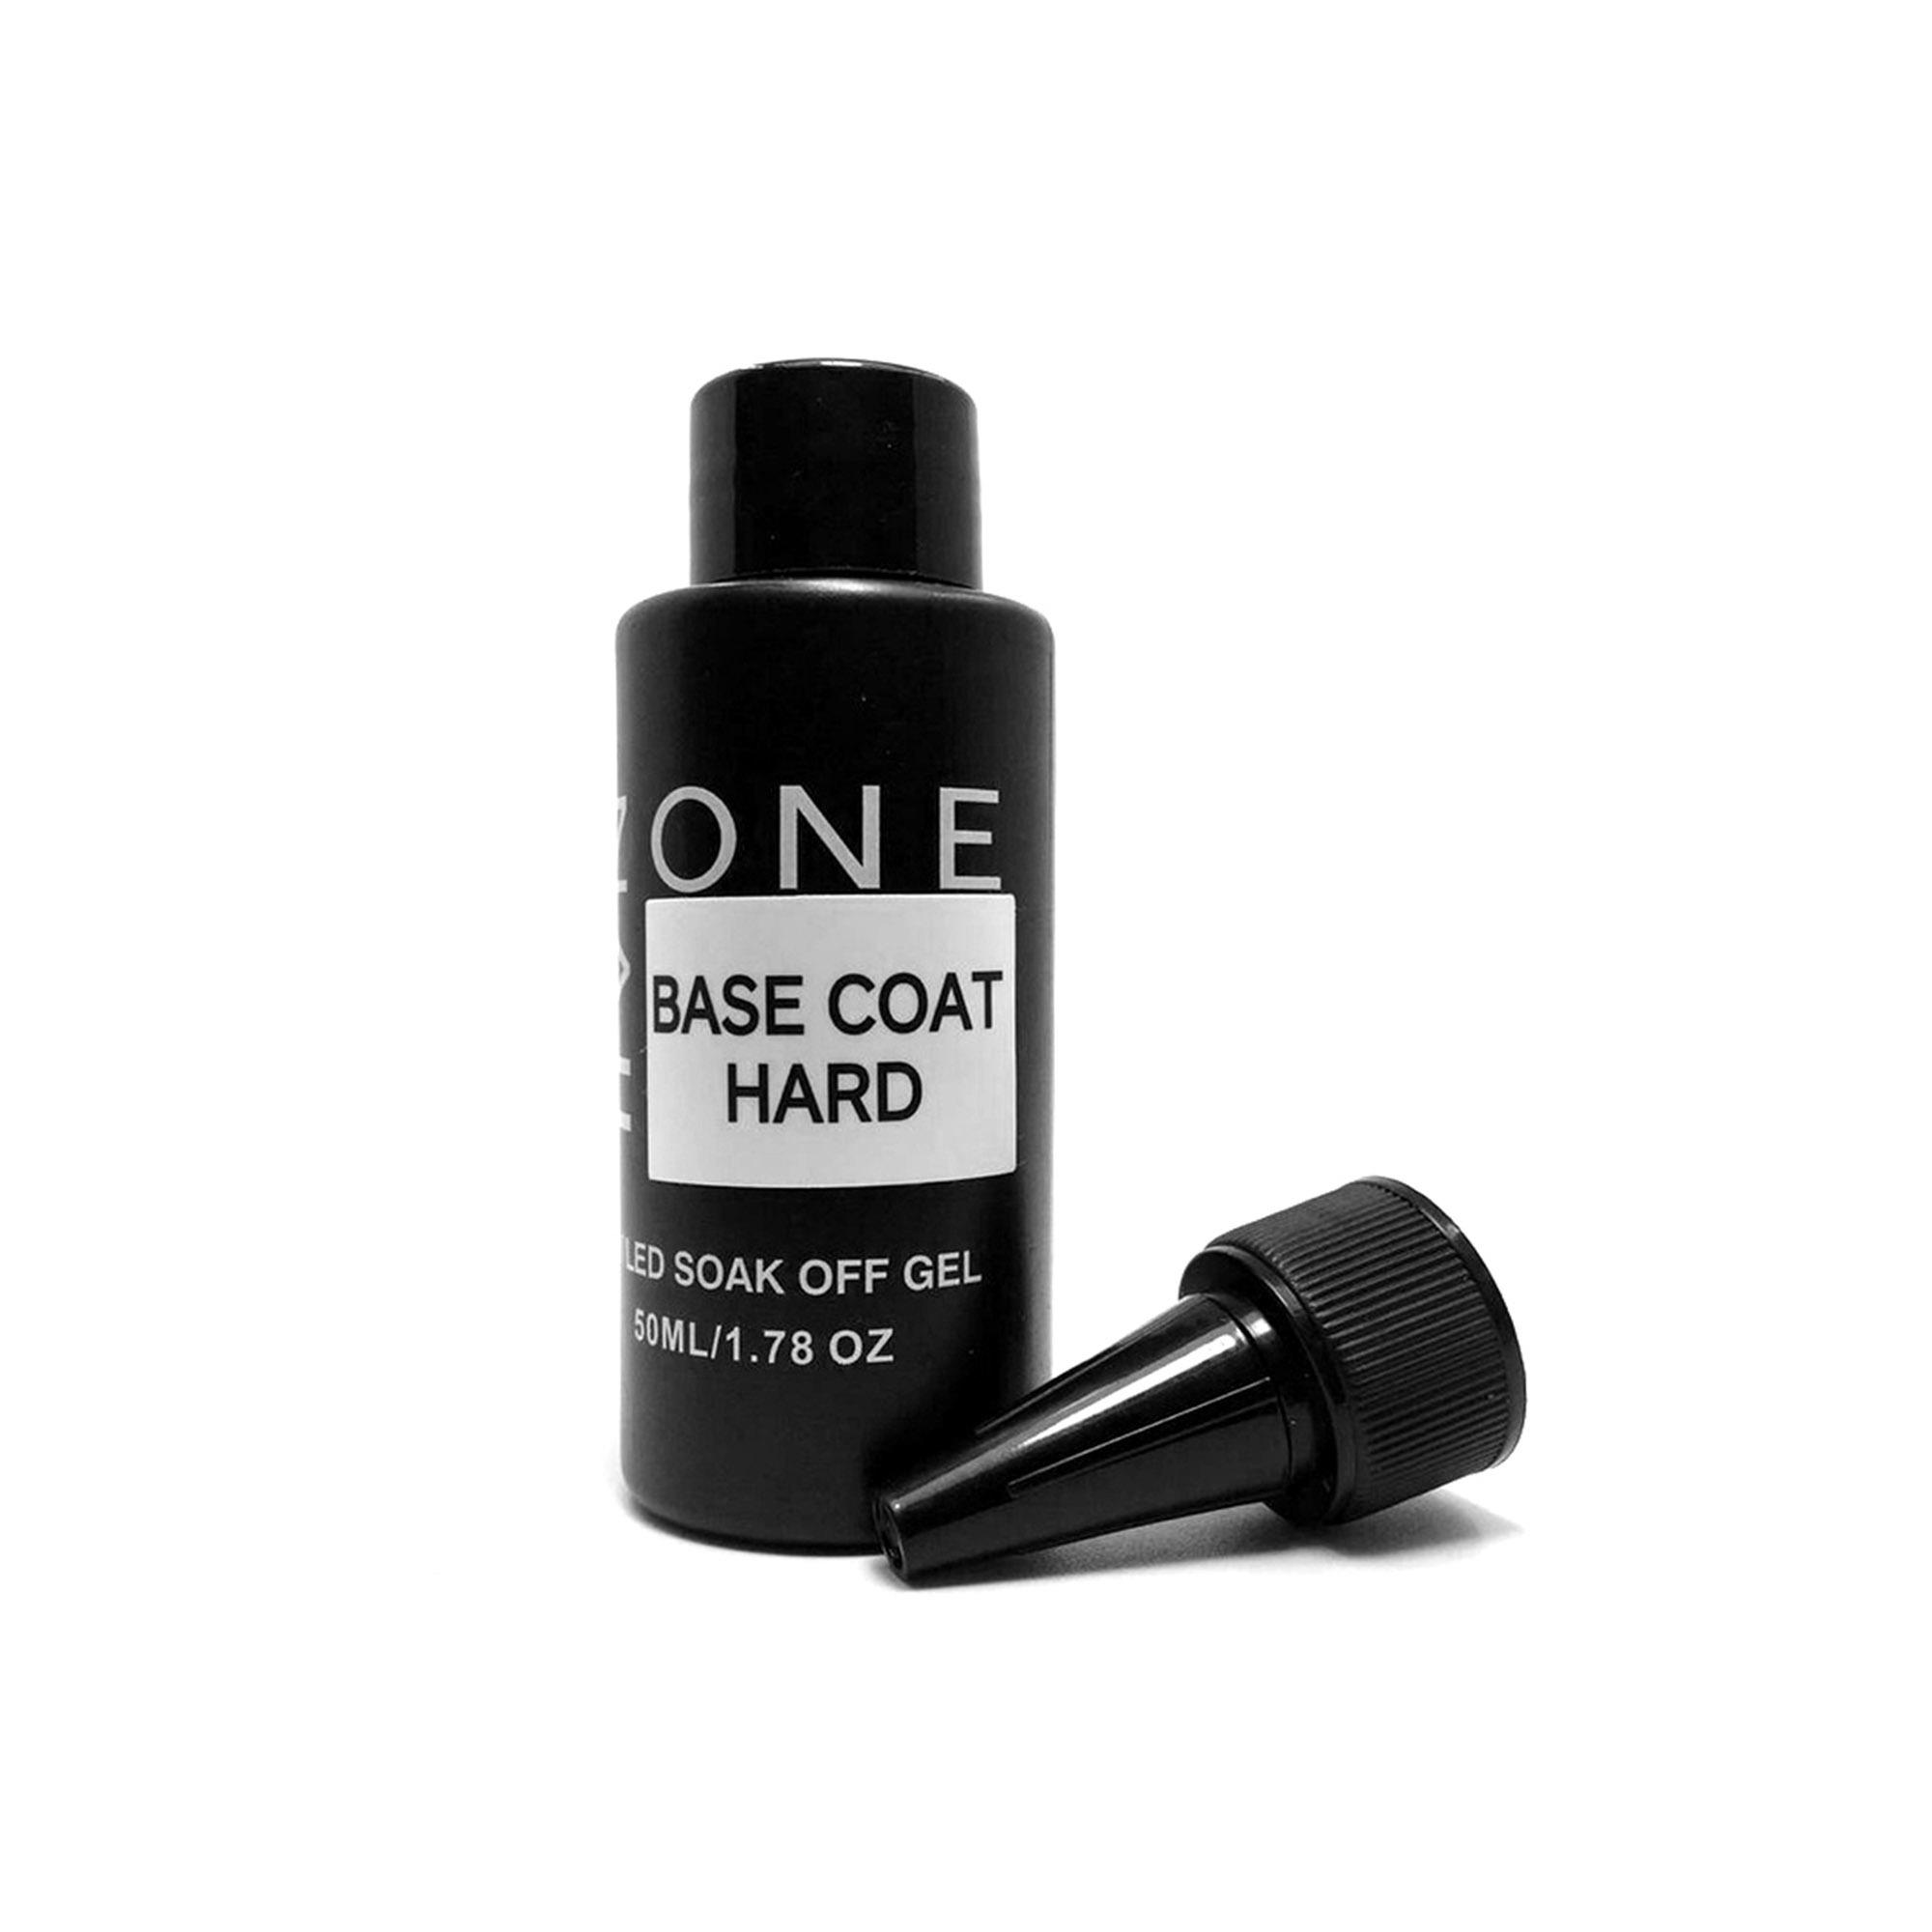 База ONENAIL Base Coat Hard бутылка 50мл